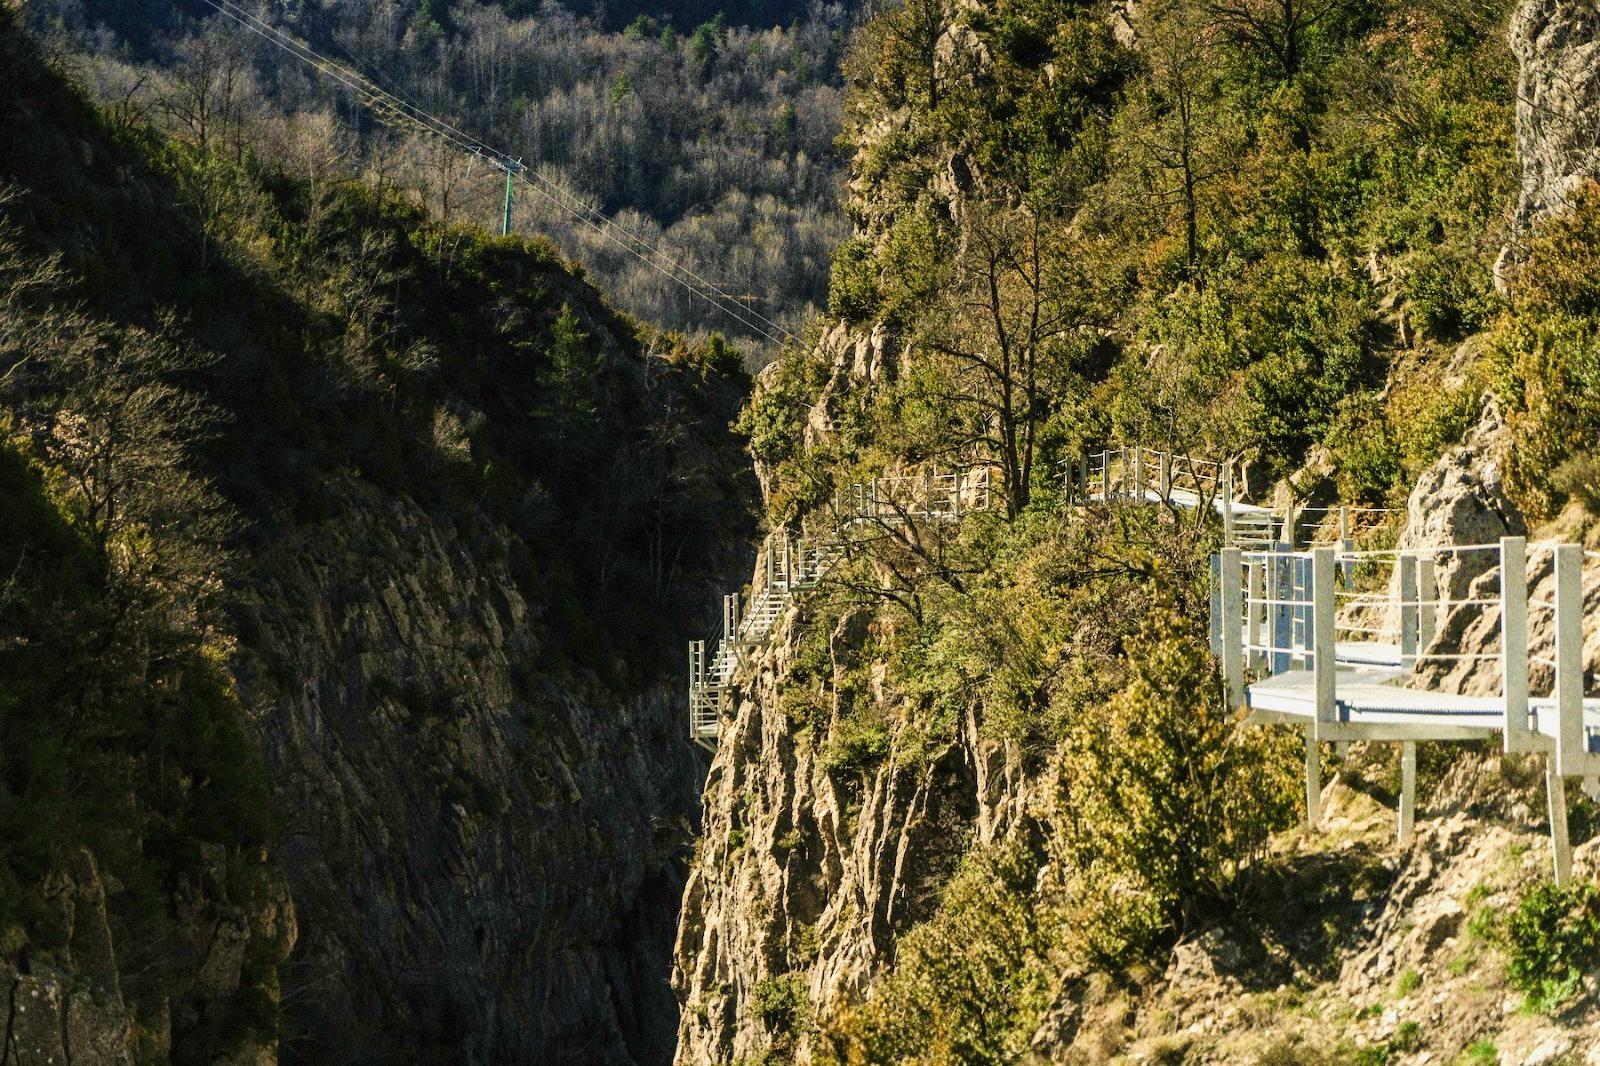 ¡¡Notición!! Tenemos nuevas pasarelas sobre el río Caldarés en Panticosa 🥳👏